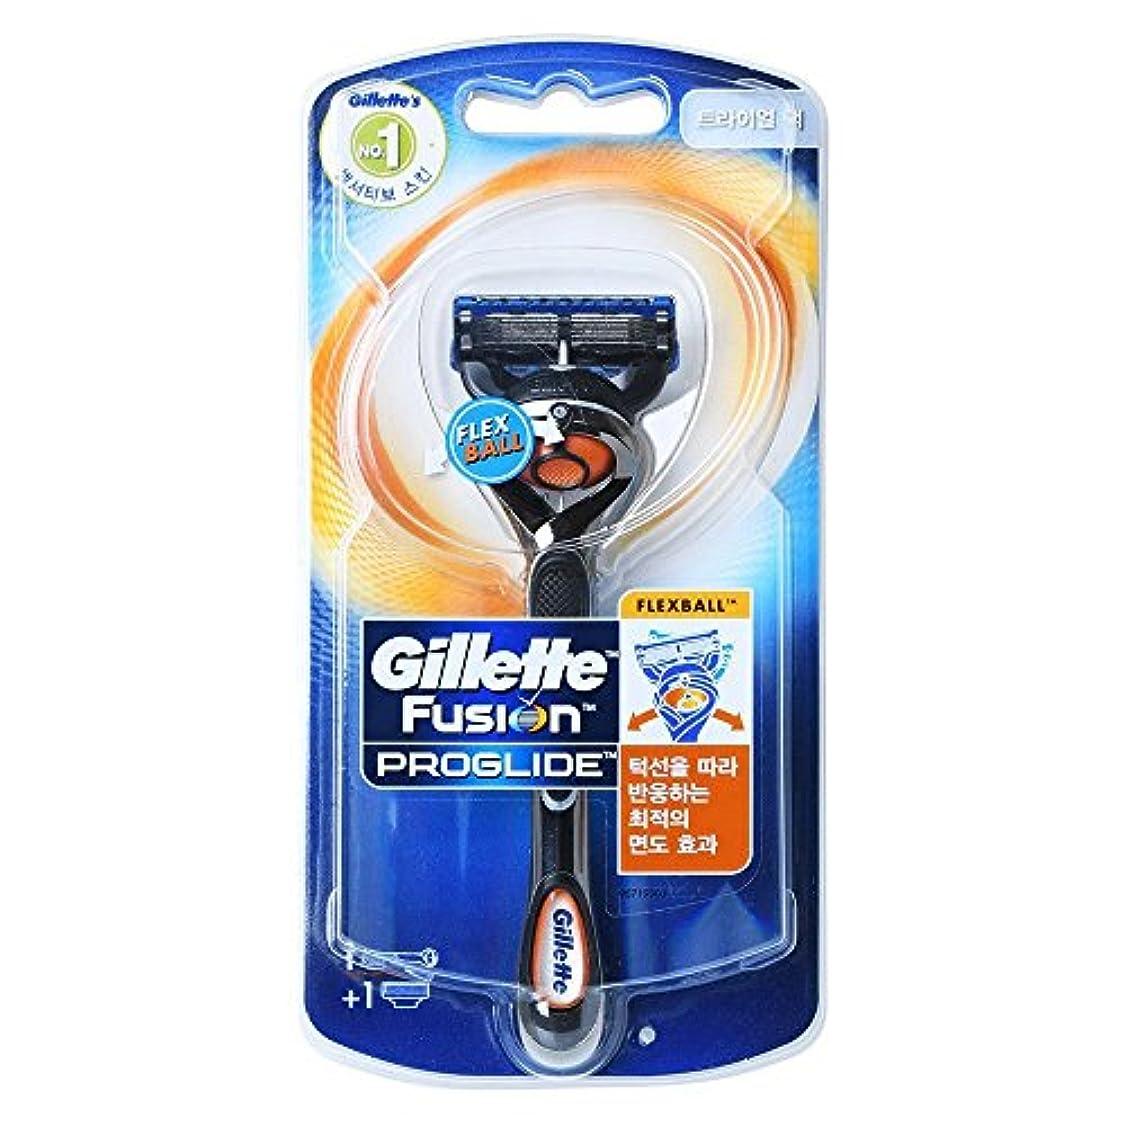 突き出す雇用者プロトタイプGillette Fusion Proglide Flexball Men's 1本のカミソリ1本でカミソリ1本 Trial pack [並行輸入品]